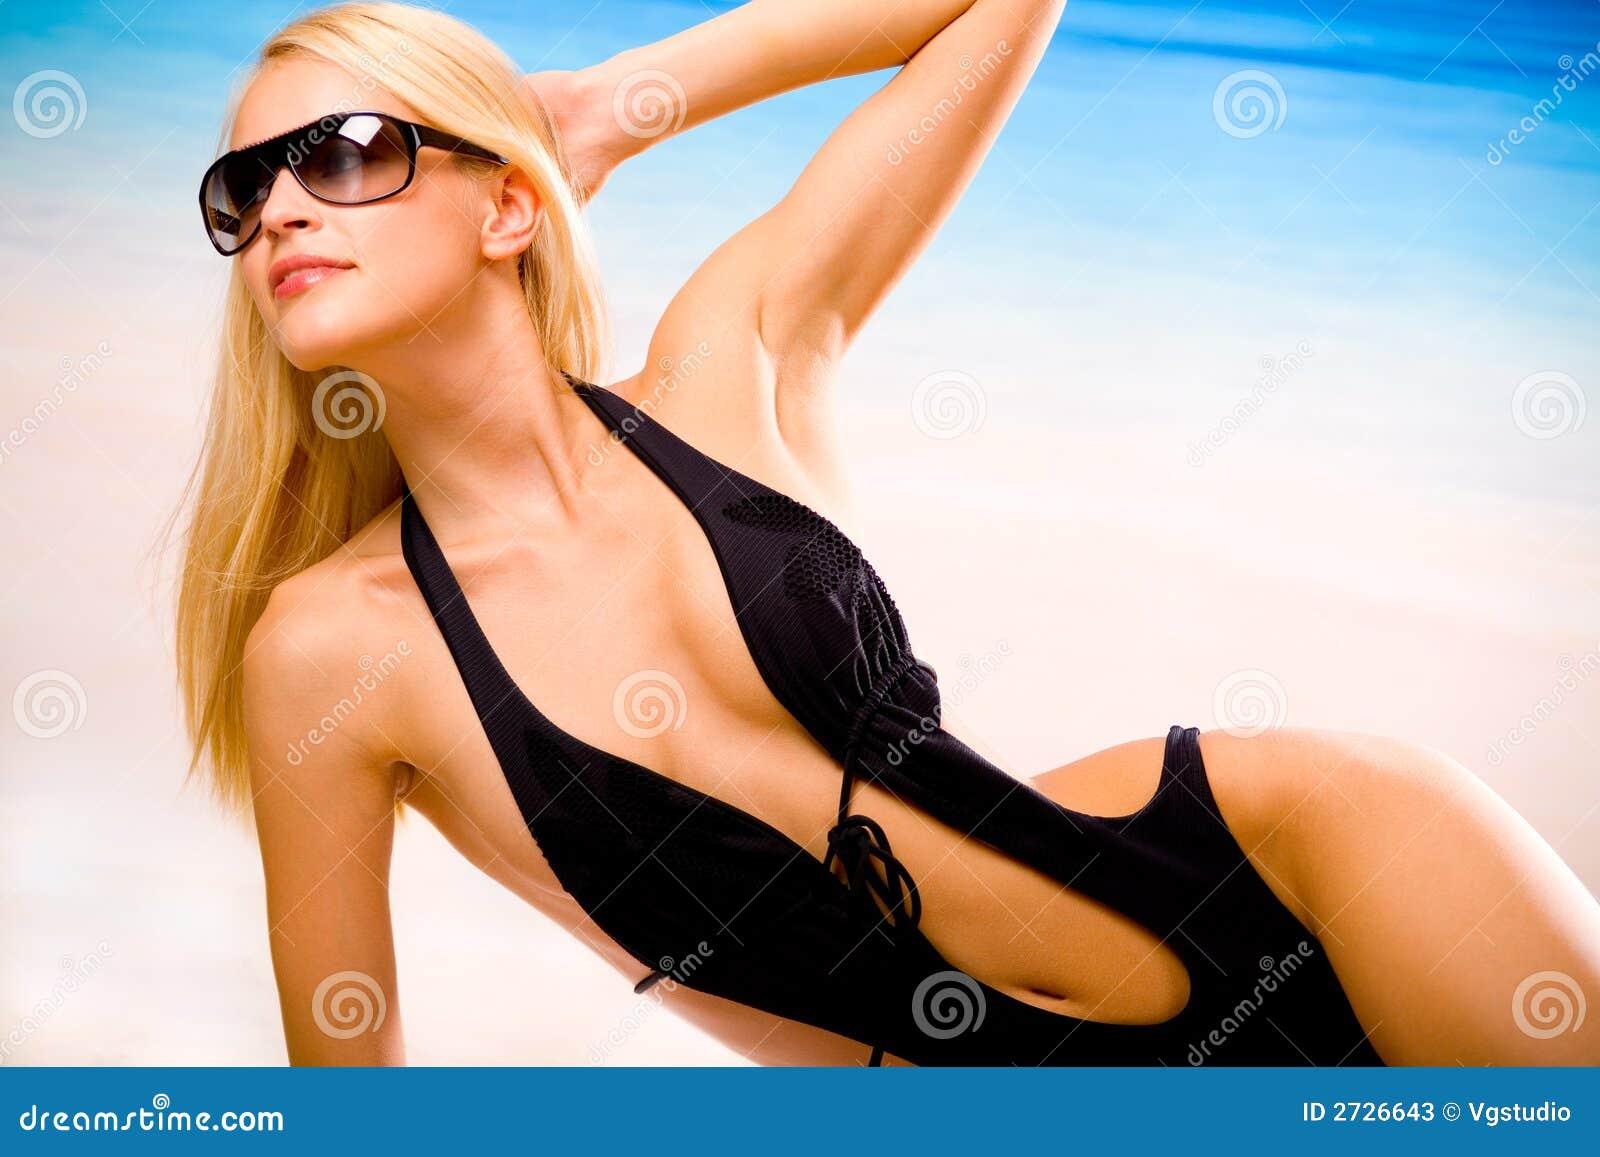 Chica hermosa bronceada en topless en la playa sexo